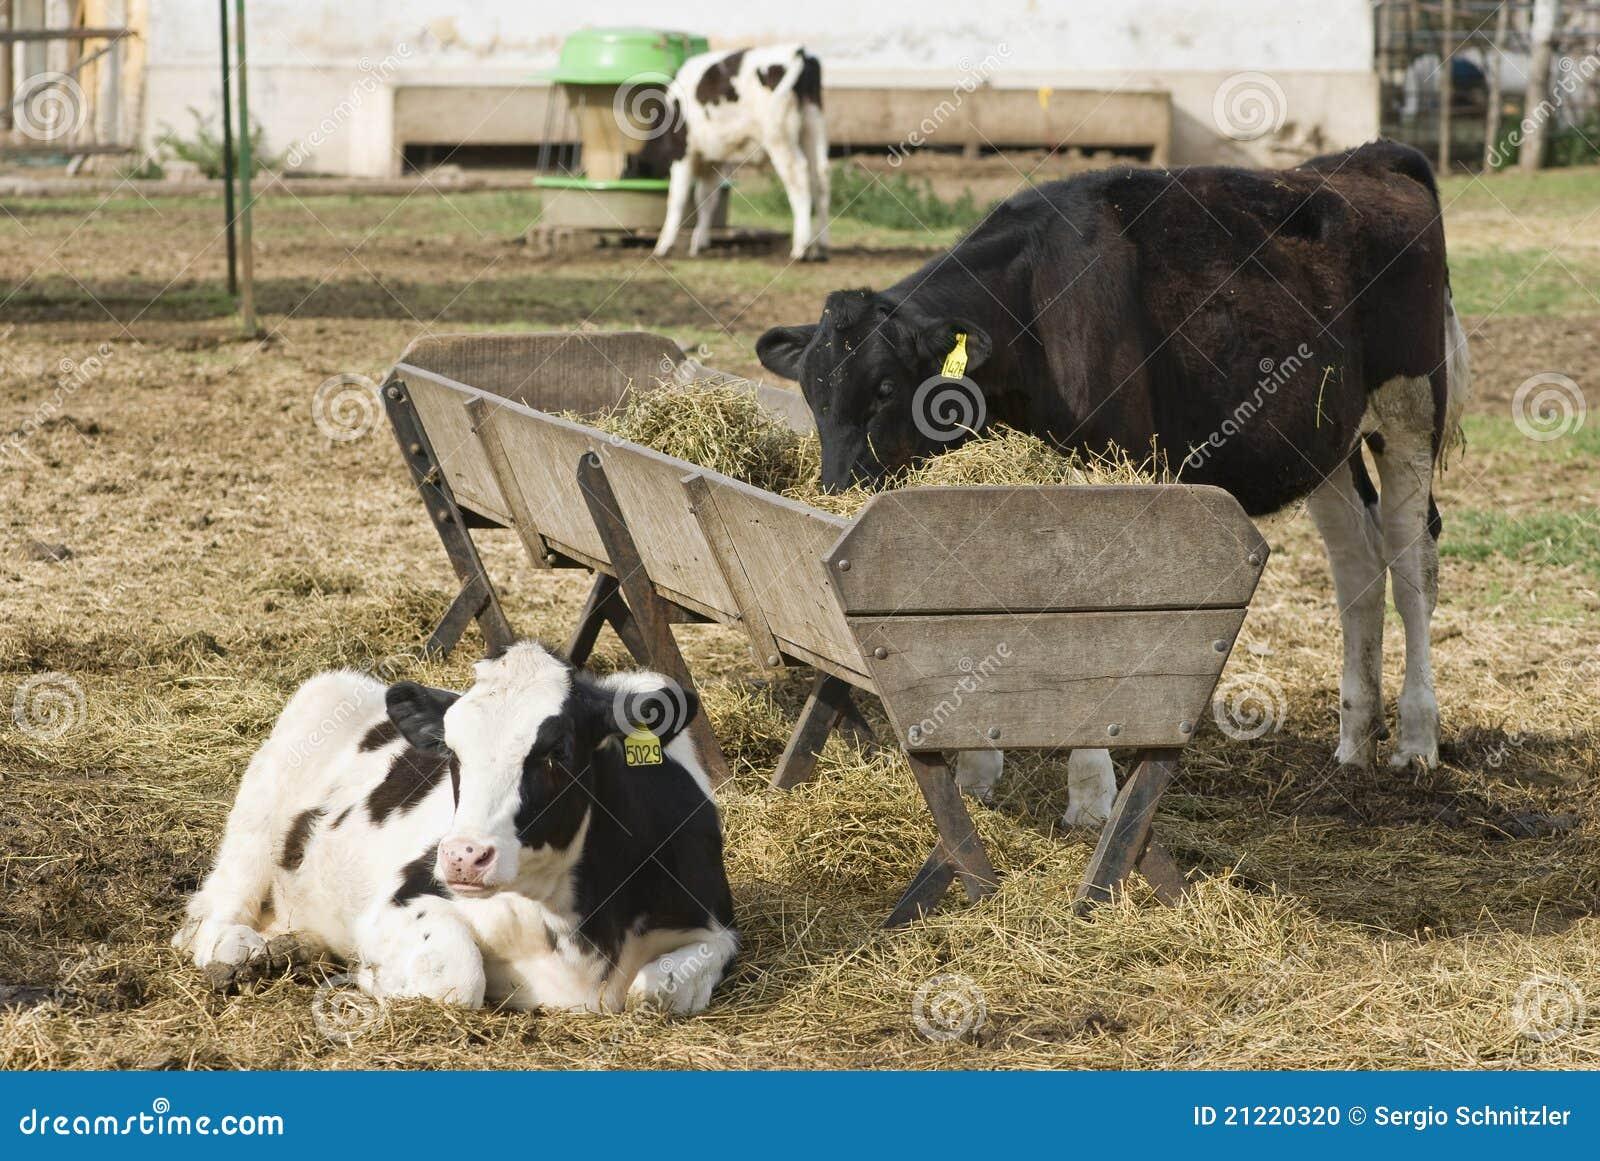 Как сделать кормушку для теленка